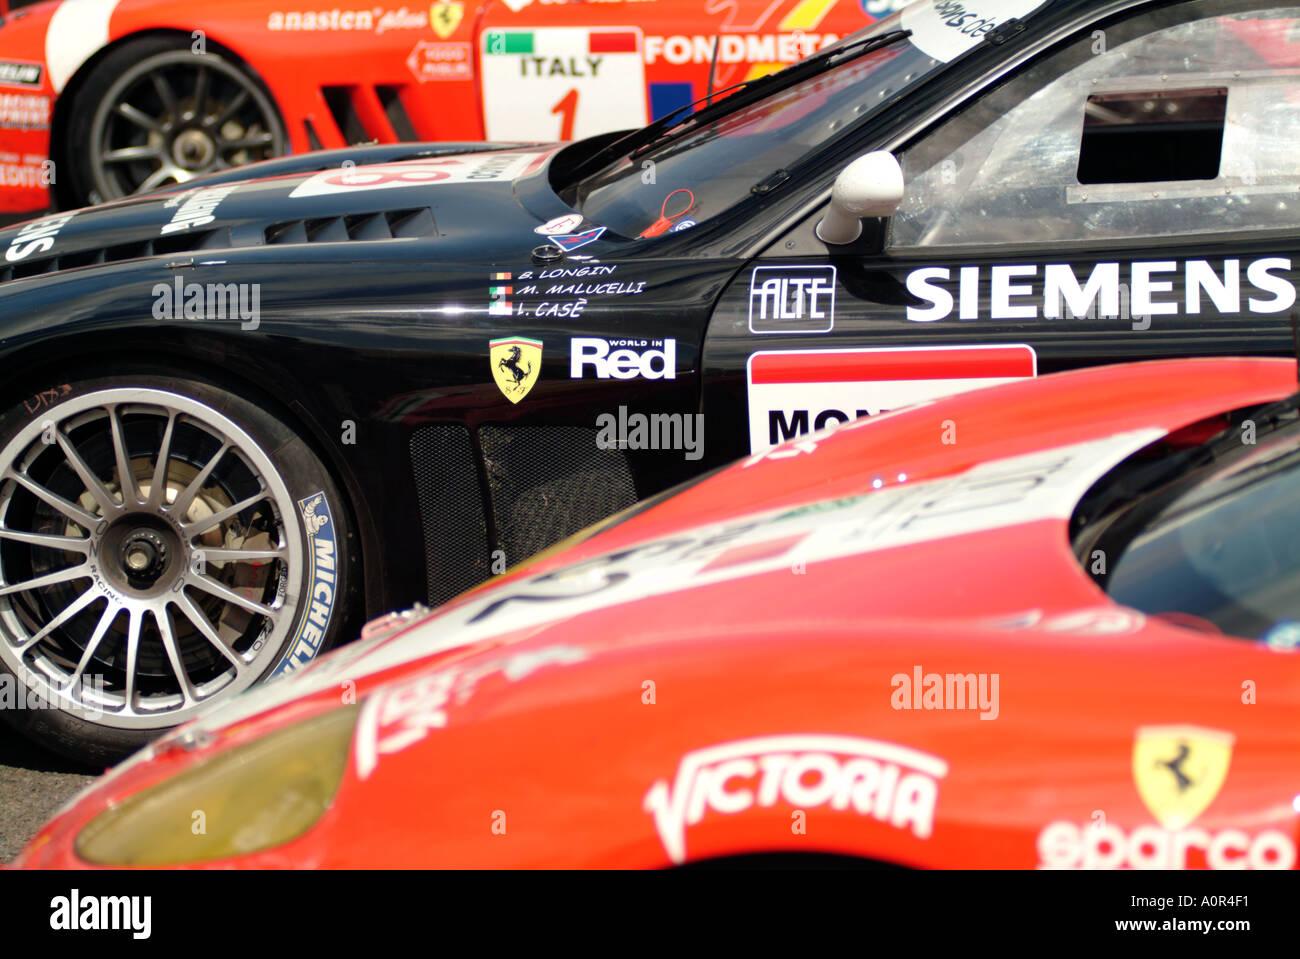 Ferrari rueda patrocinador publicidad slick racing carrera de autos Motor Sport auto win riesgo perder potencia Imagen De Stock